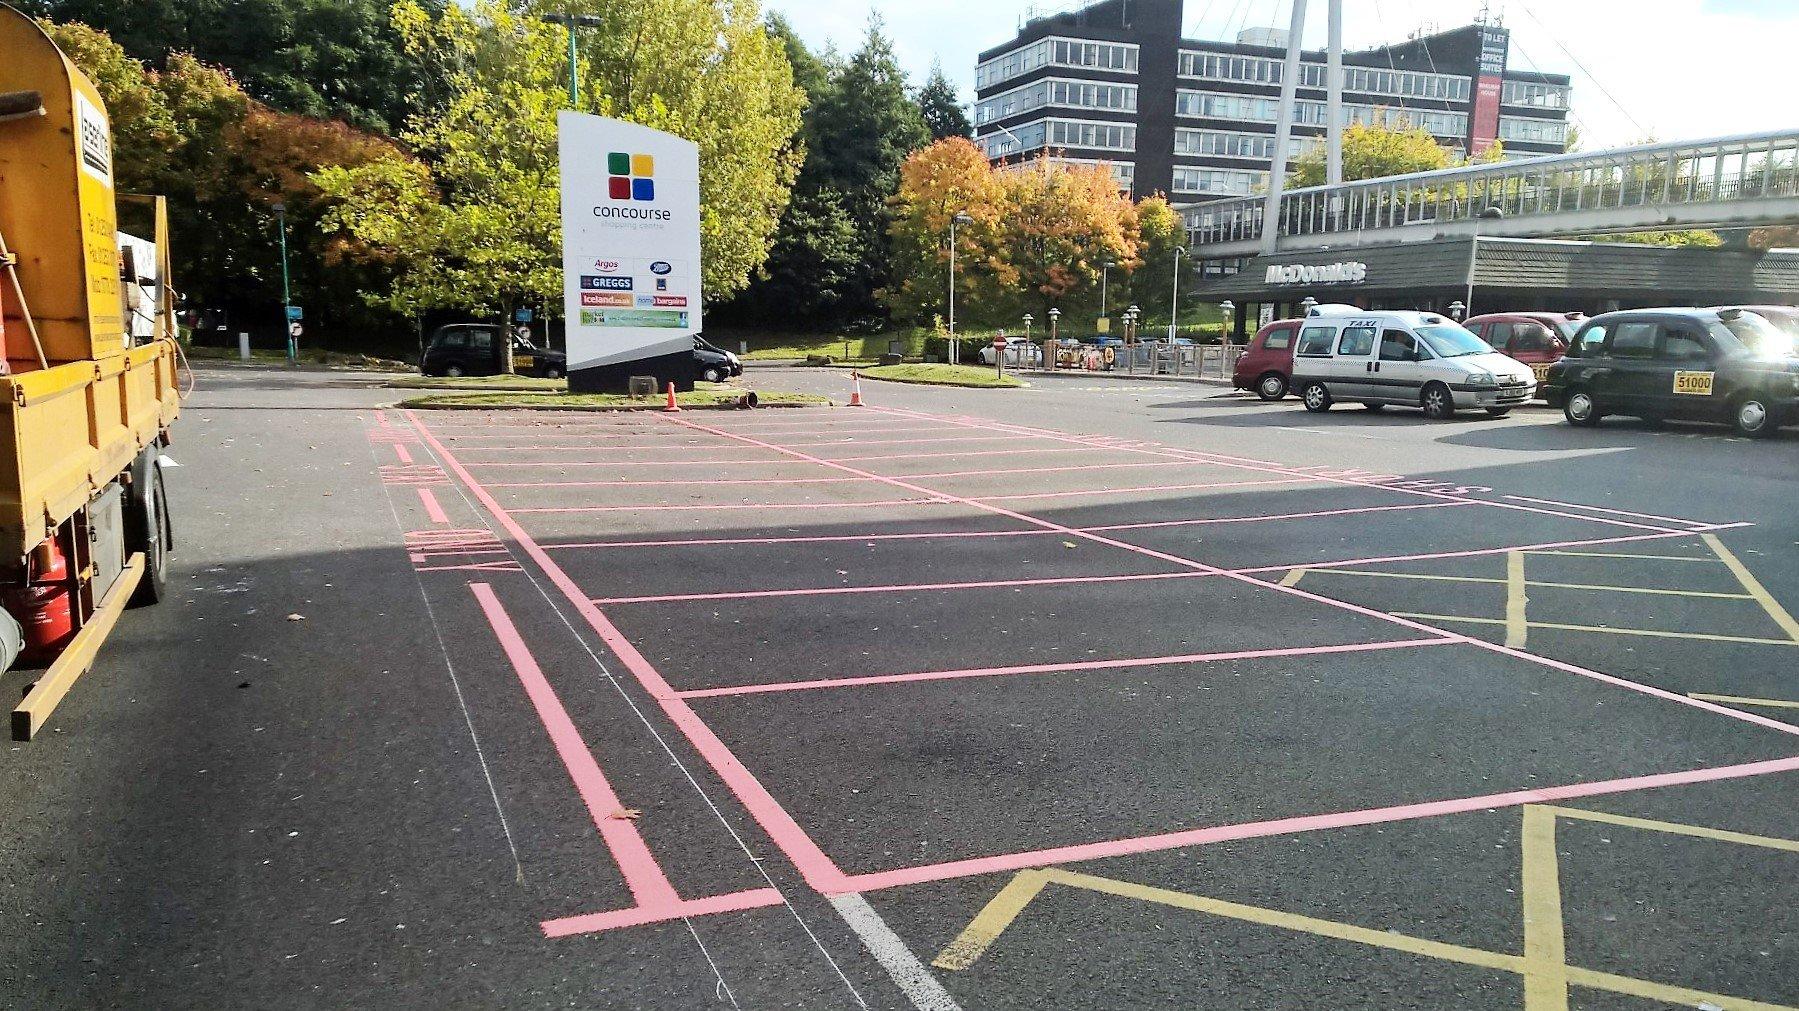 car park lines